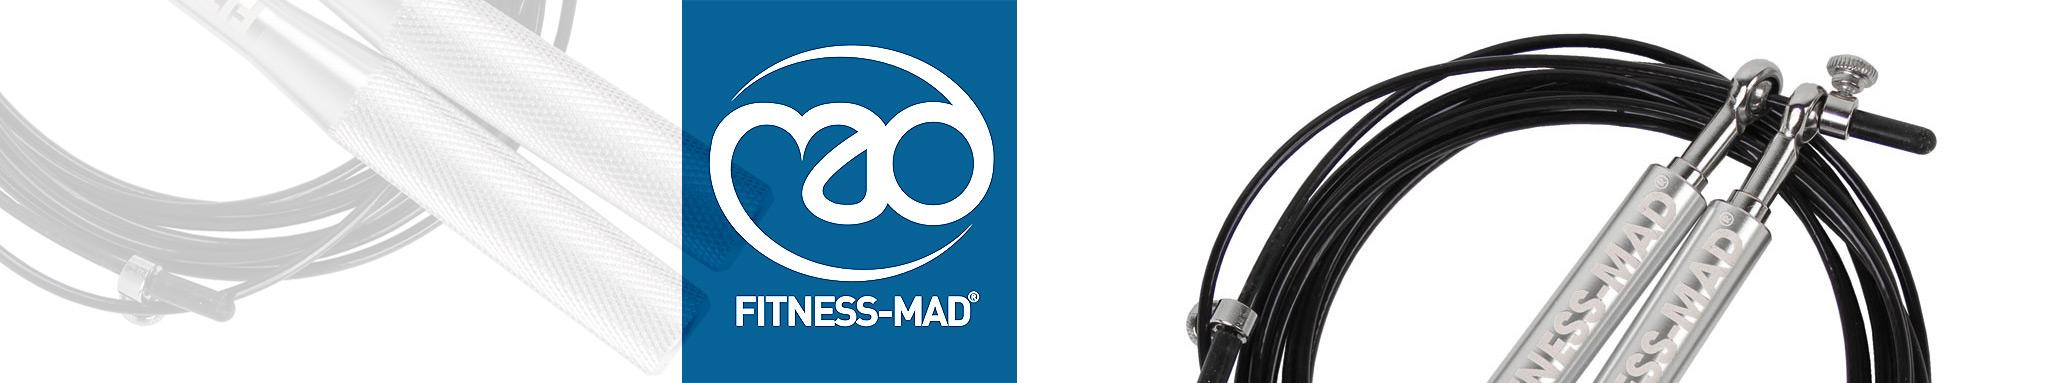 Fitness-Mad : équipements & accessoires de la marque Fitness Mad | Dragon Bleu